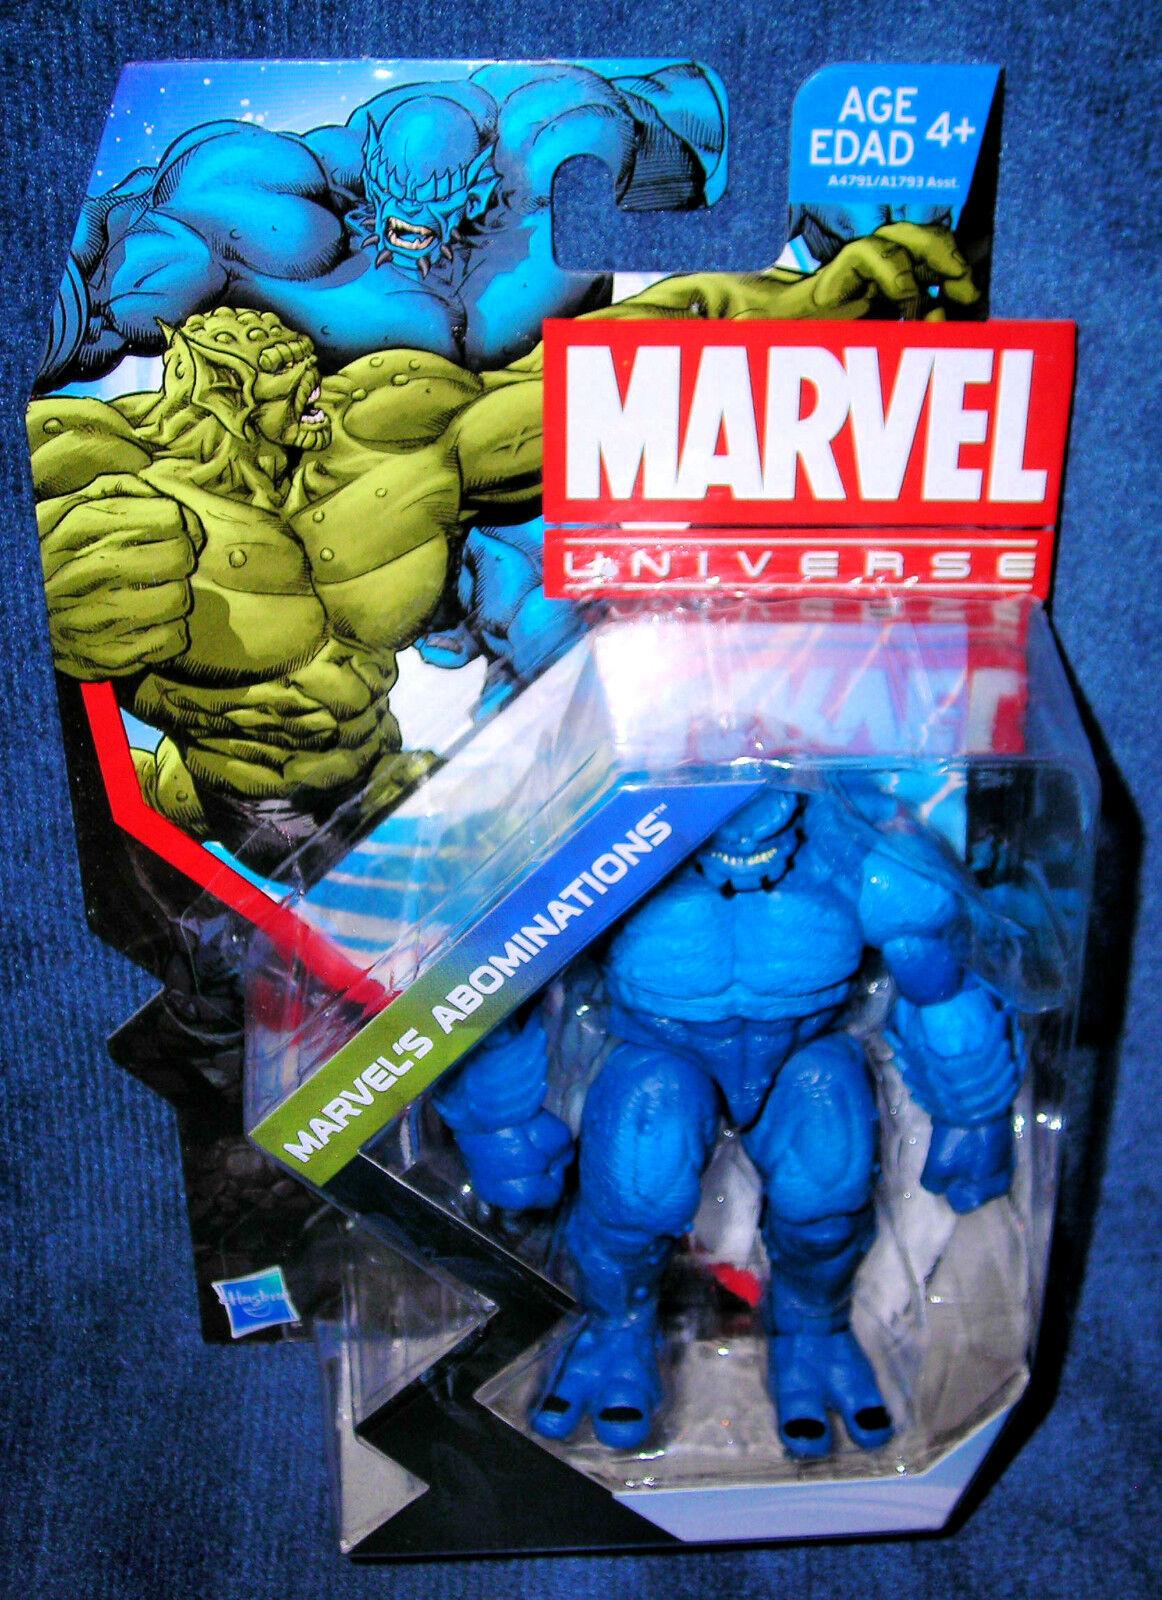 Marvel - universum abscheulichkeit eine bombe hulk  schurke  gamma - legenden